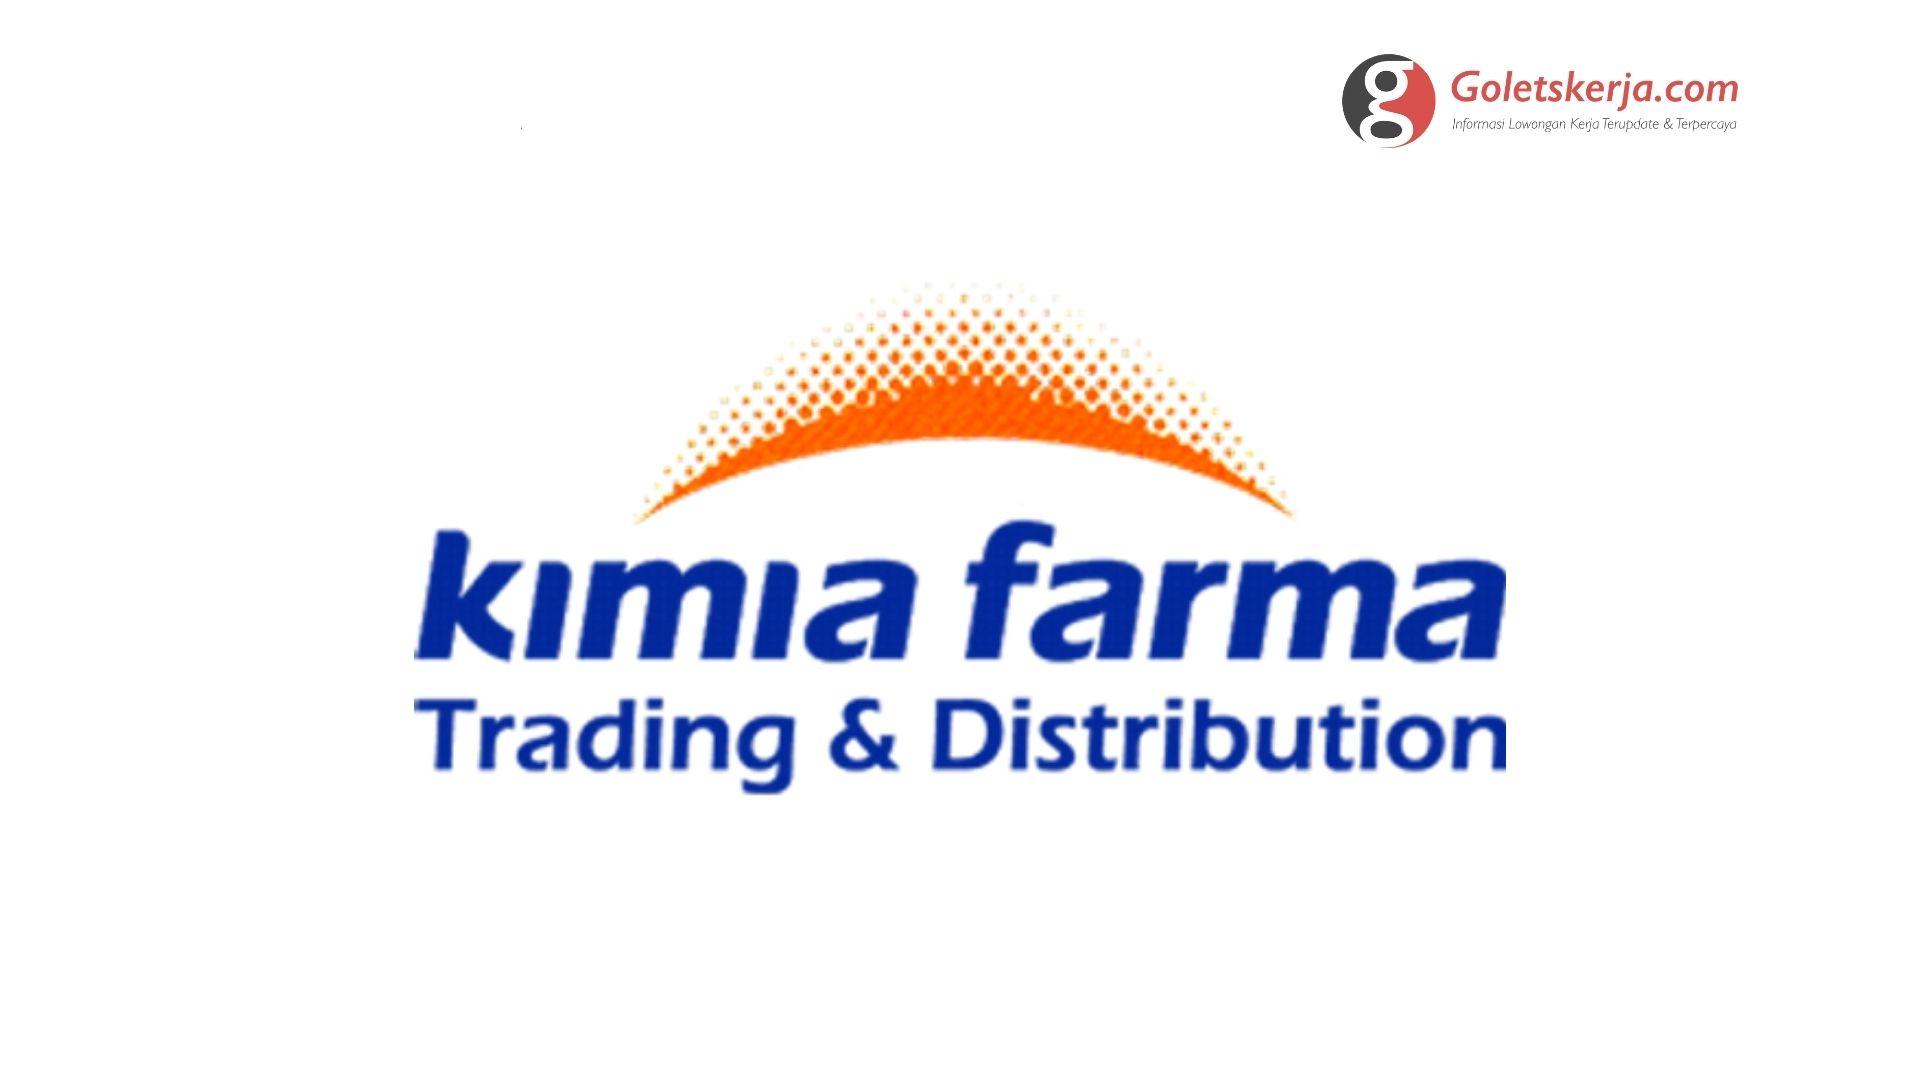 Lowongan Kerja PT Kimia Farma Trading & Distribution - Juni 2021